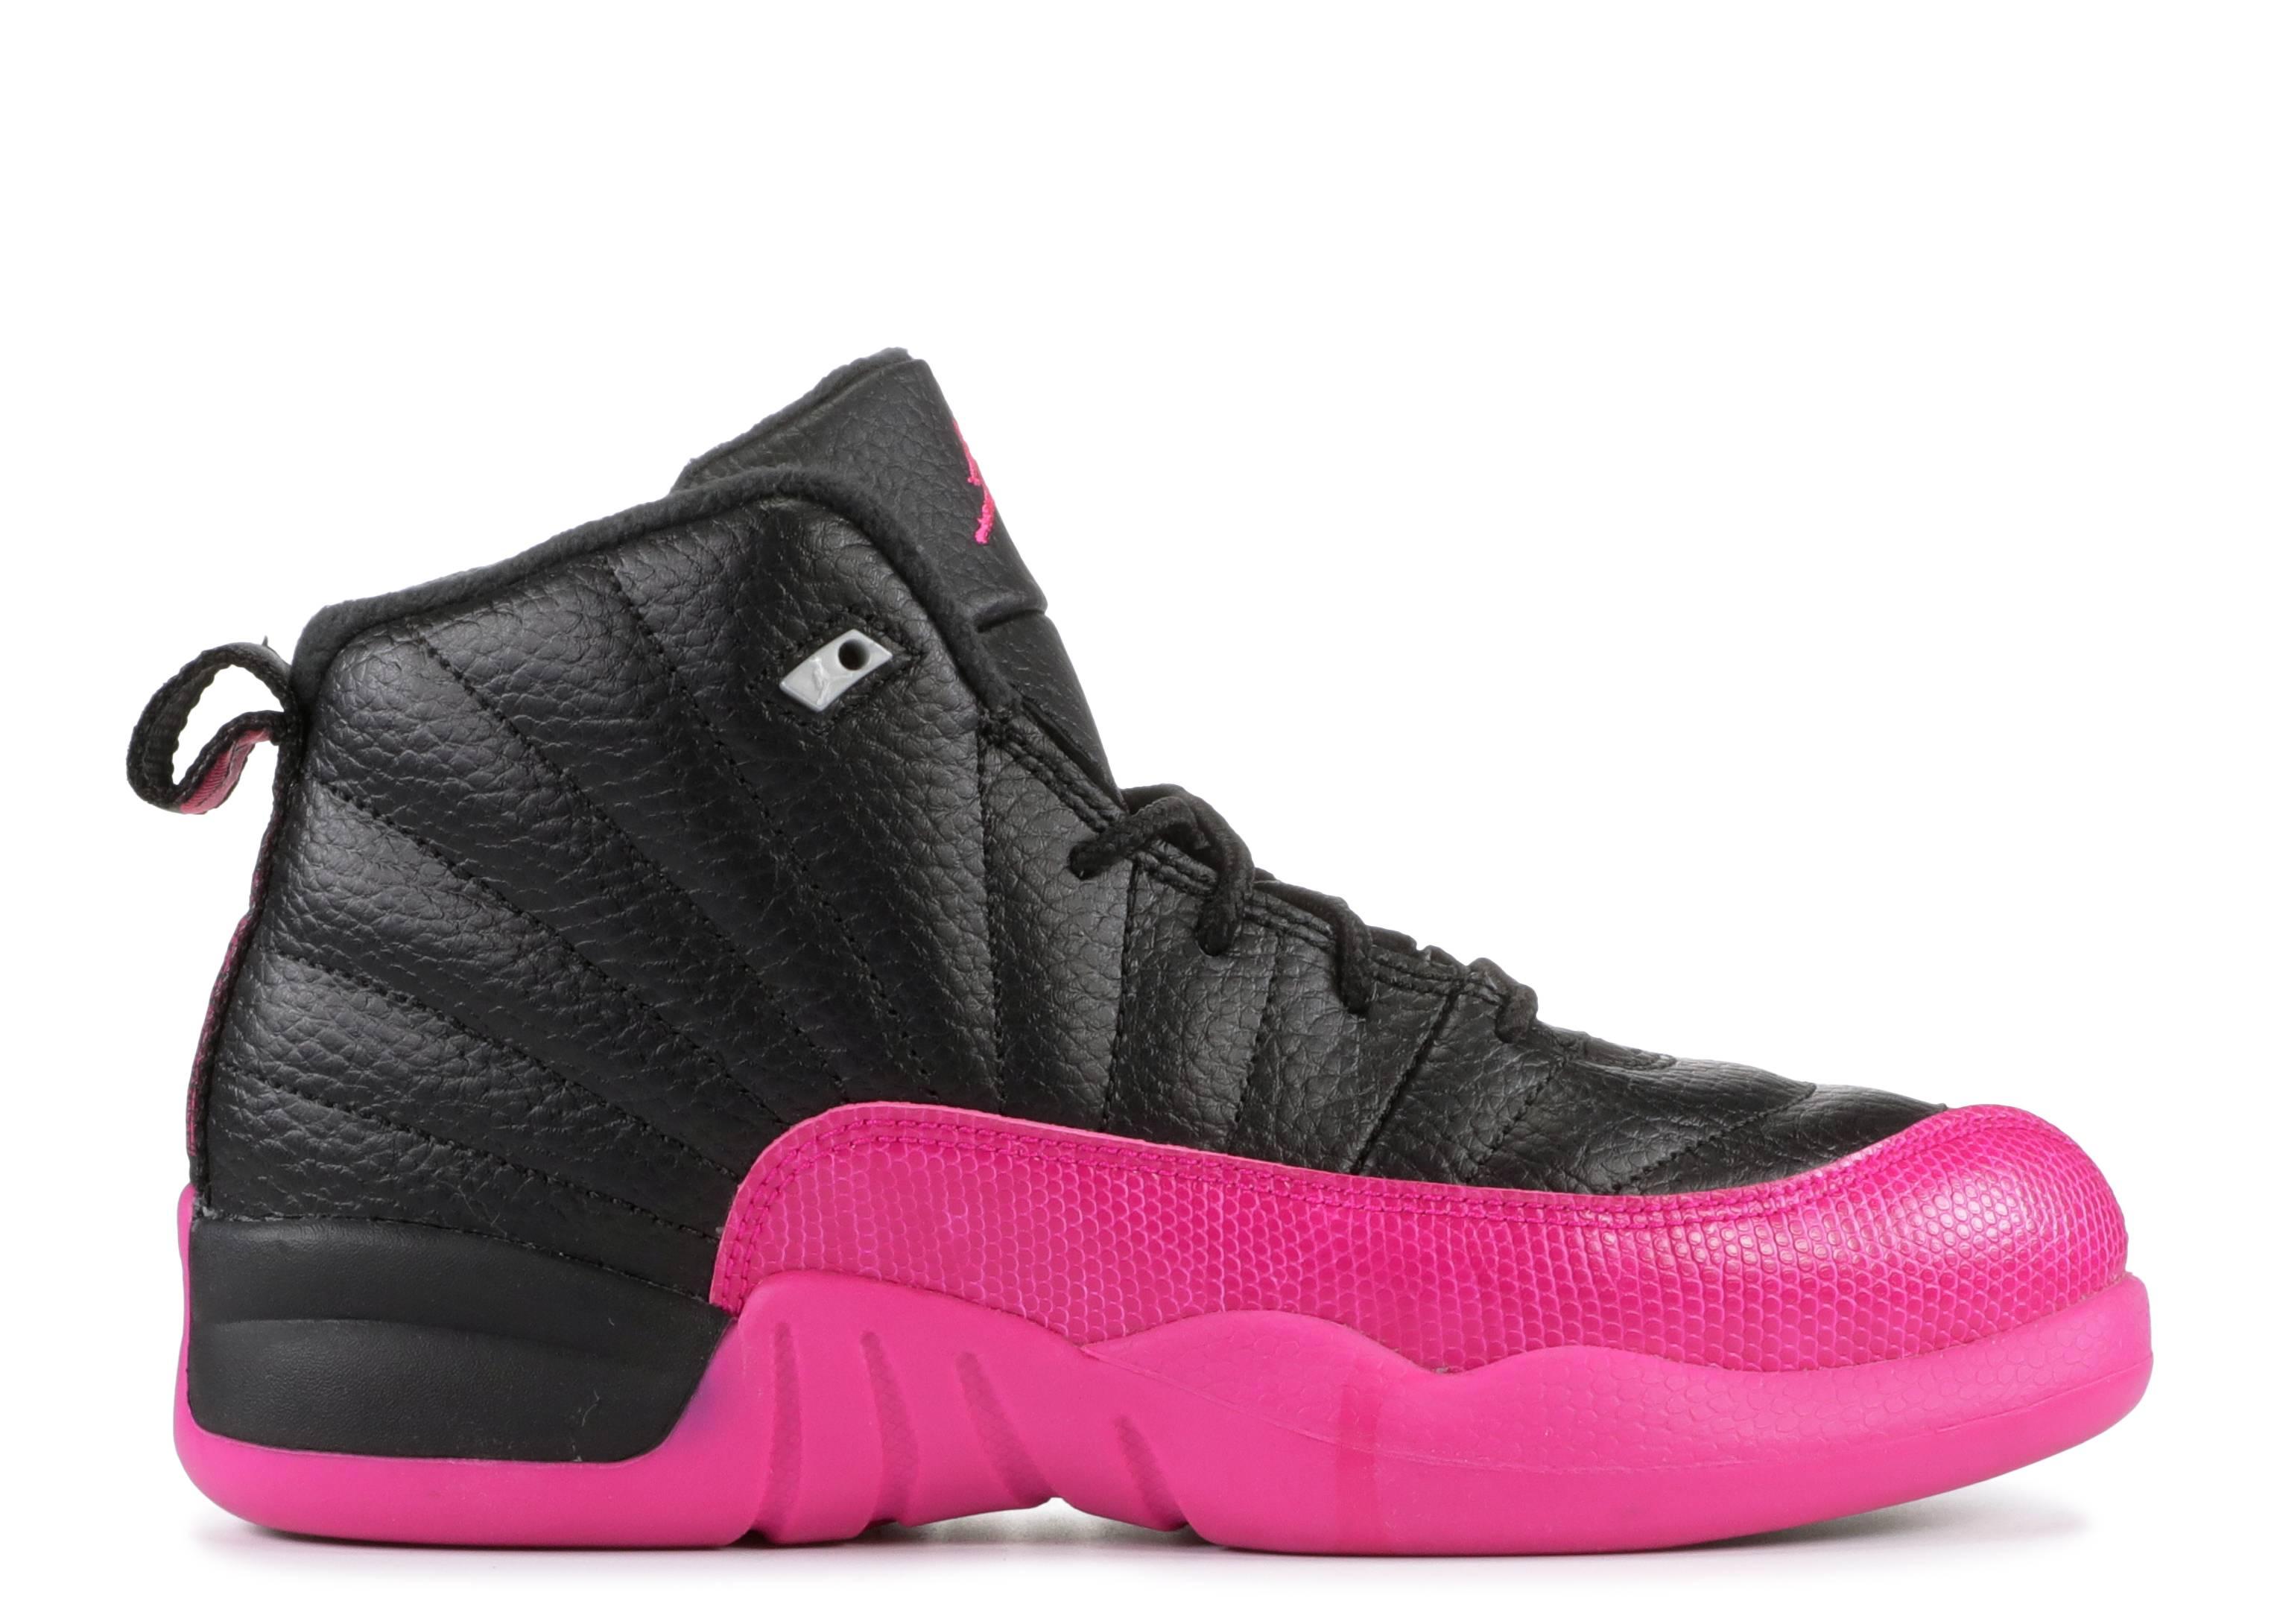 b683b18b319 Jordan 12 Retro